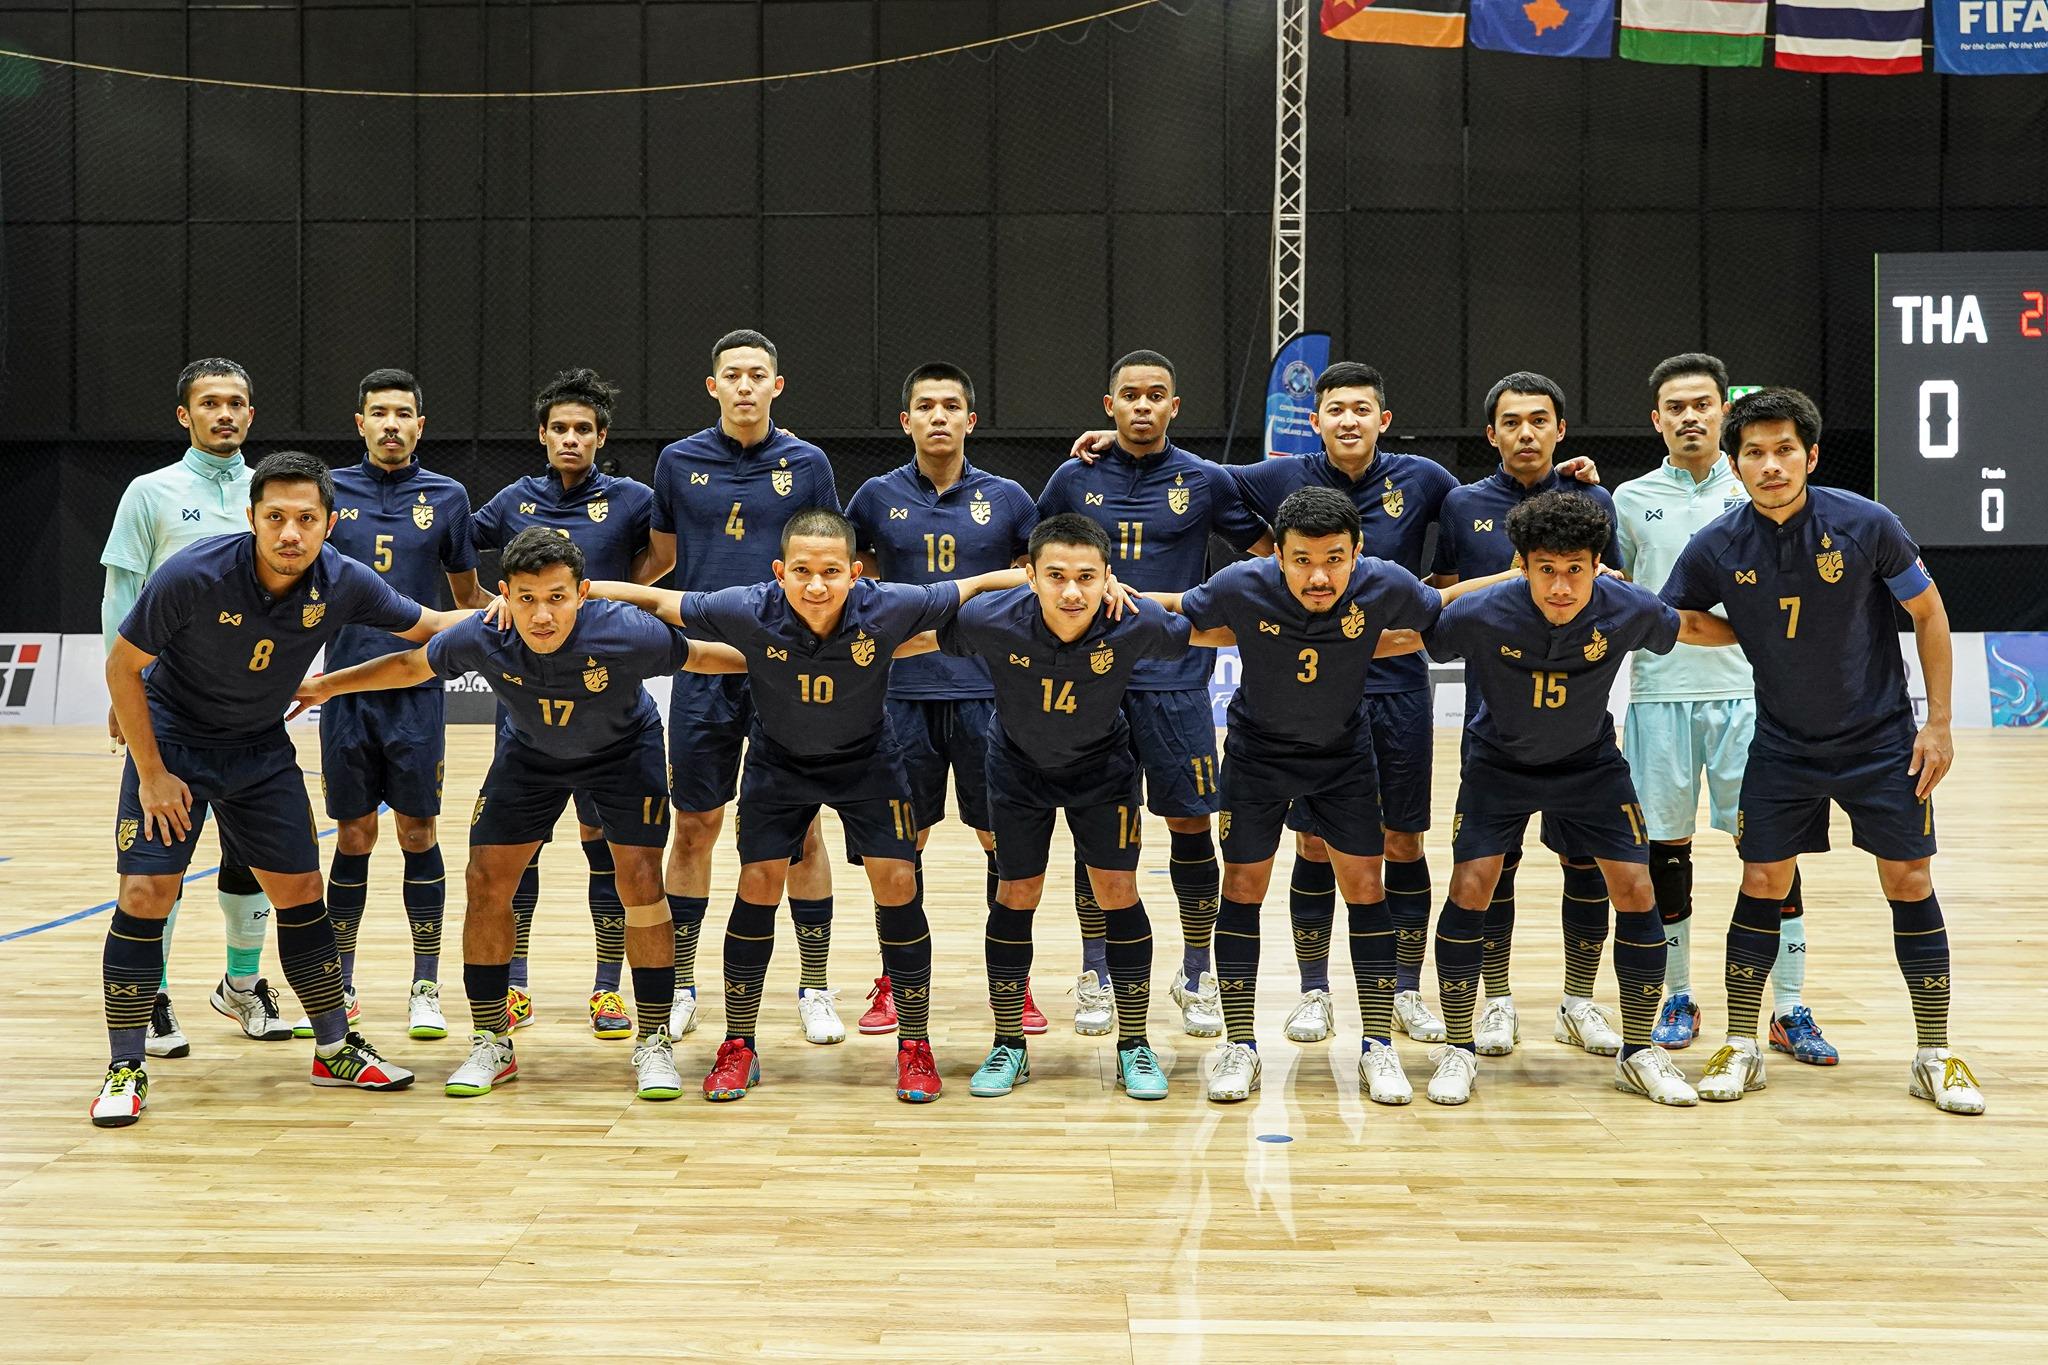 Thái Lan nối gót Việt Nam vào vòng 1/8 FiFa Futsal World Cup